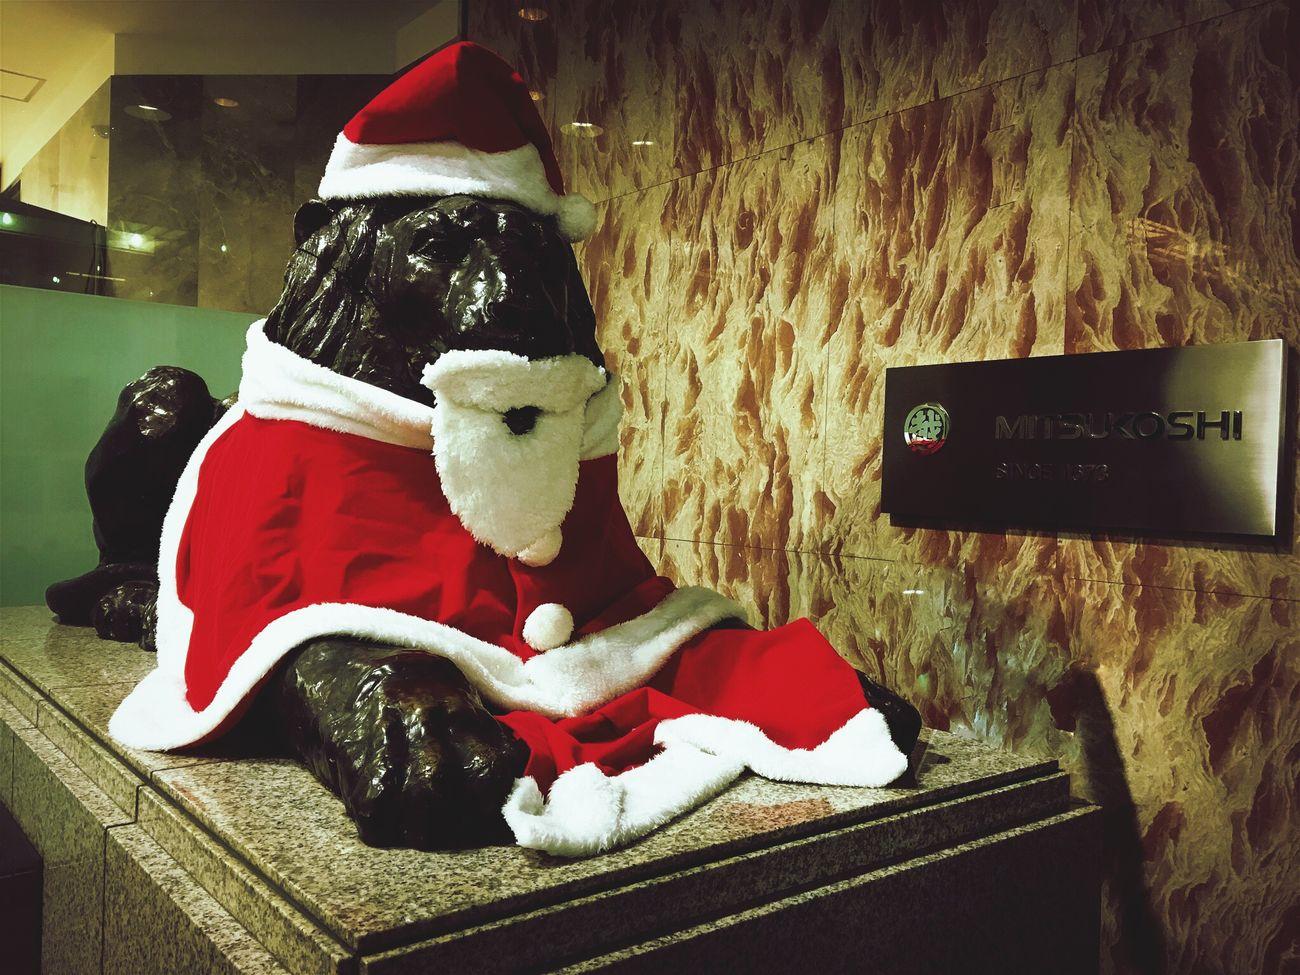 ライオンサンタ♬ 今年はボッチのクリスマスで、一人で歩くのが恥ずかしかった〜(● ˃̶͈̀ロ˂̶͈́)੭ꠥ⁾⁾ Christmas Christmas Decoration Hello World Lion Santa Claus Cosplay Bronze Statue Mitsukoshi Sendai Miyagi Japan